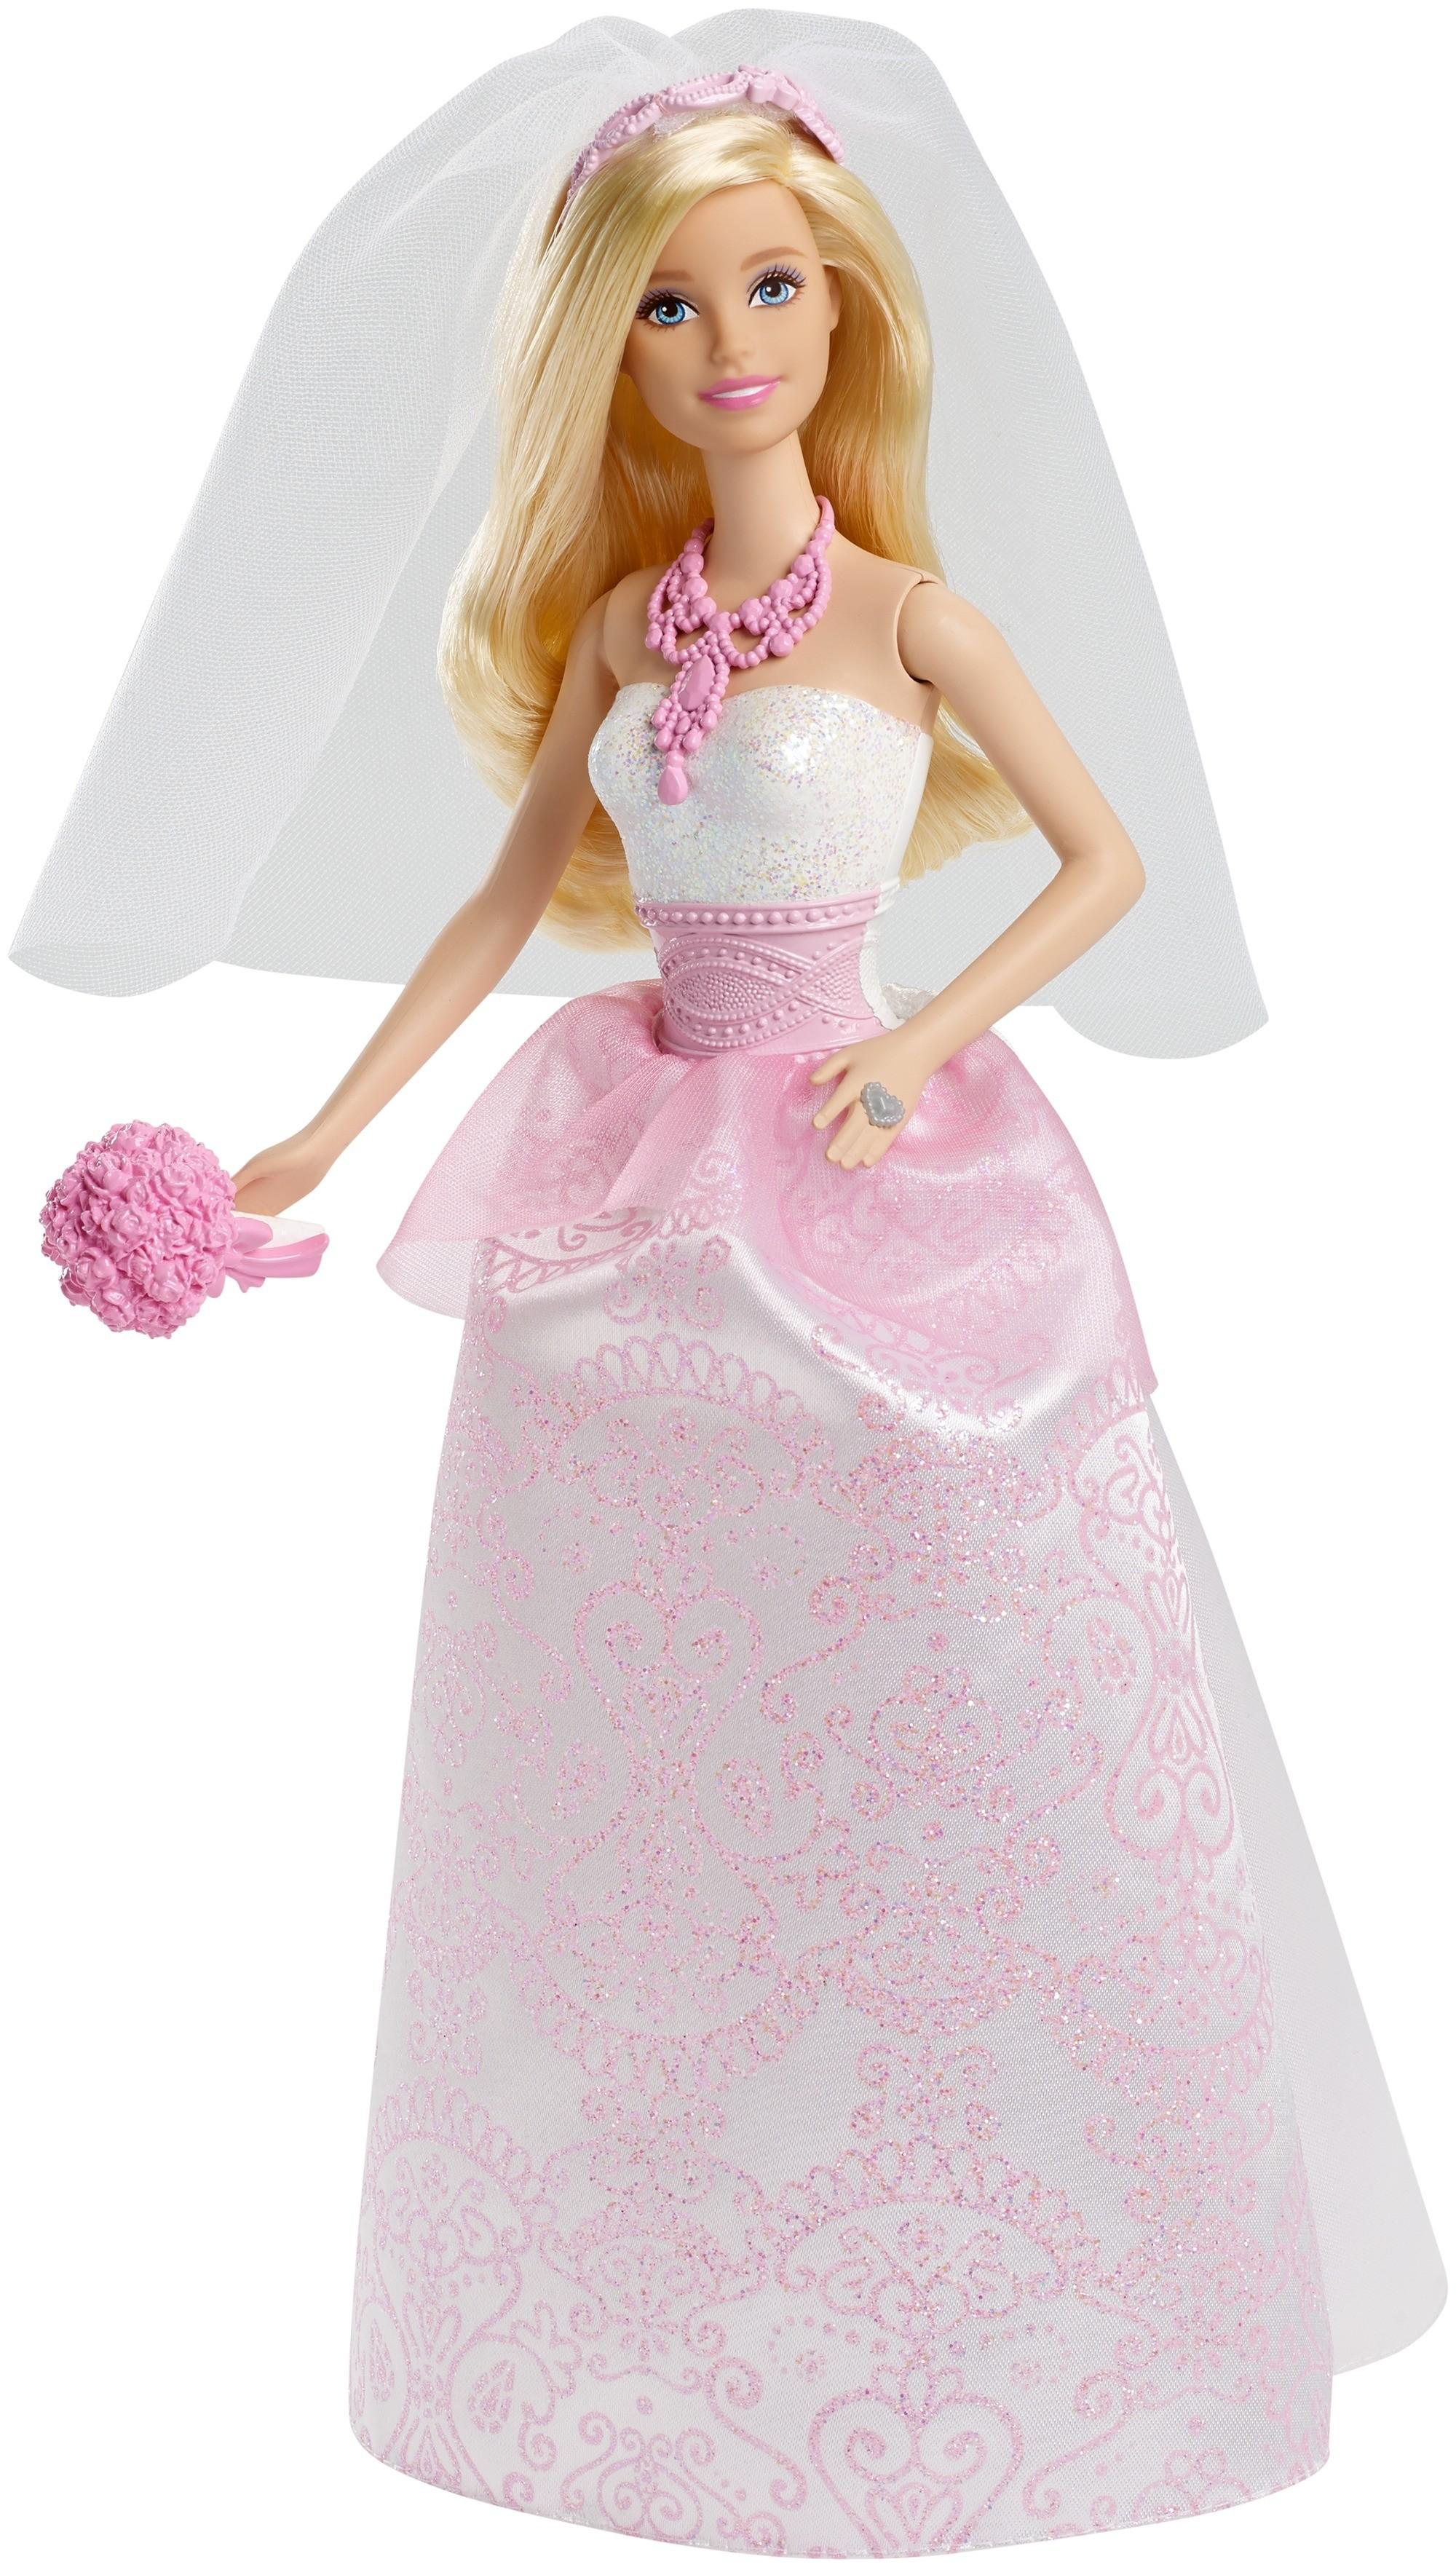 Купить Кукла Barbie, Сказочная невеста, 1шт., Barbie CFF37, Индонезия, Женский